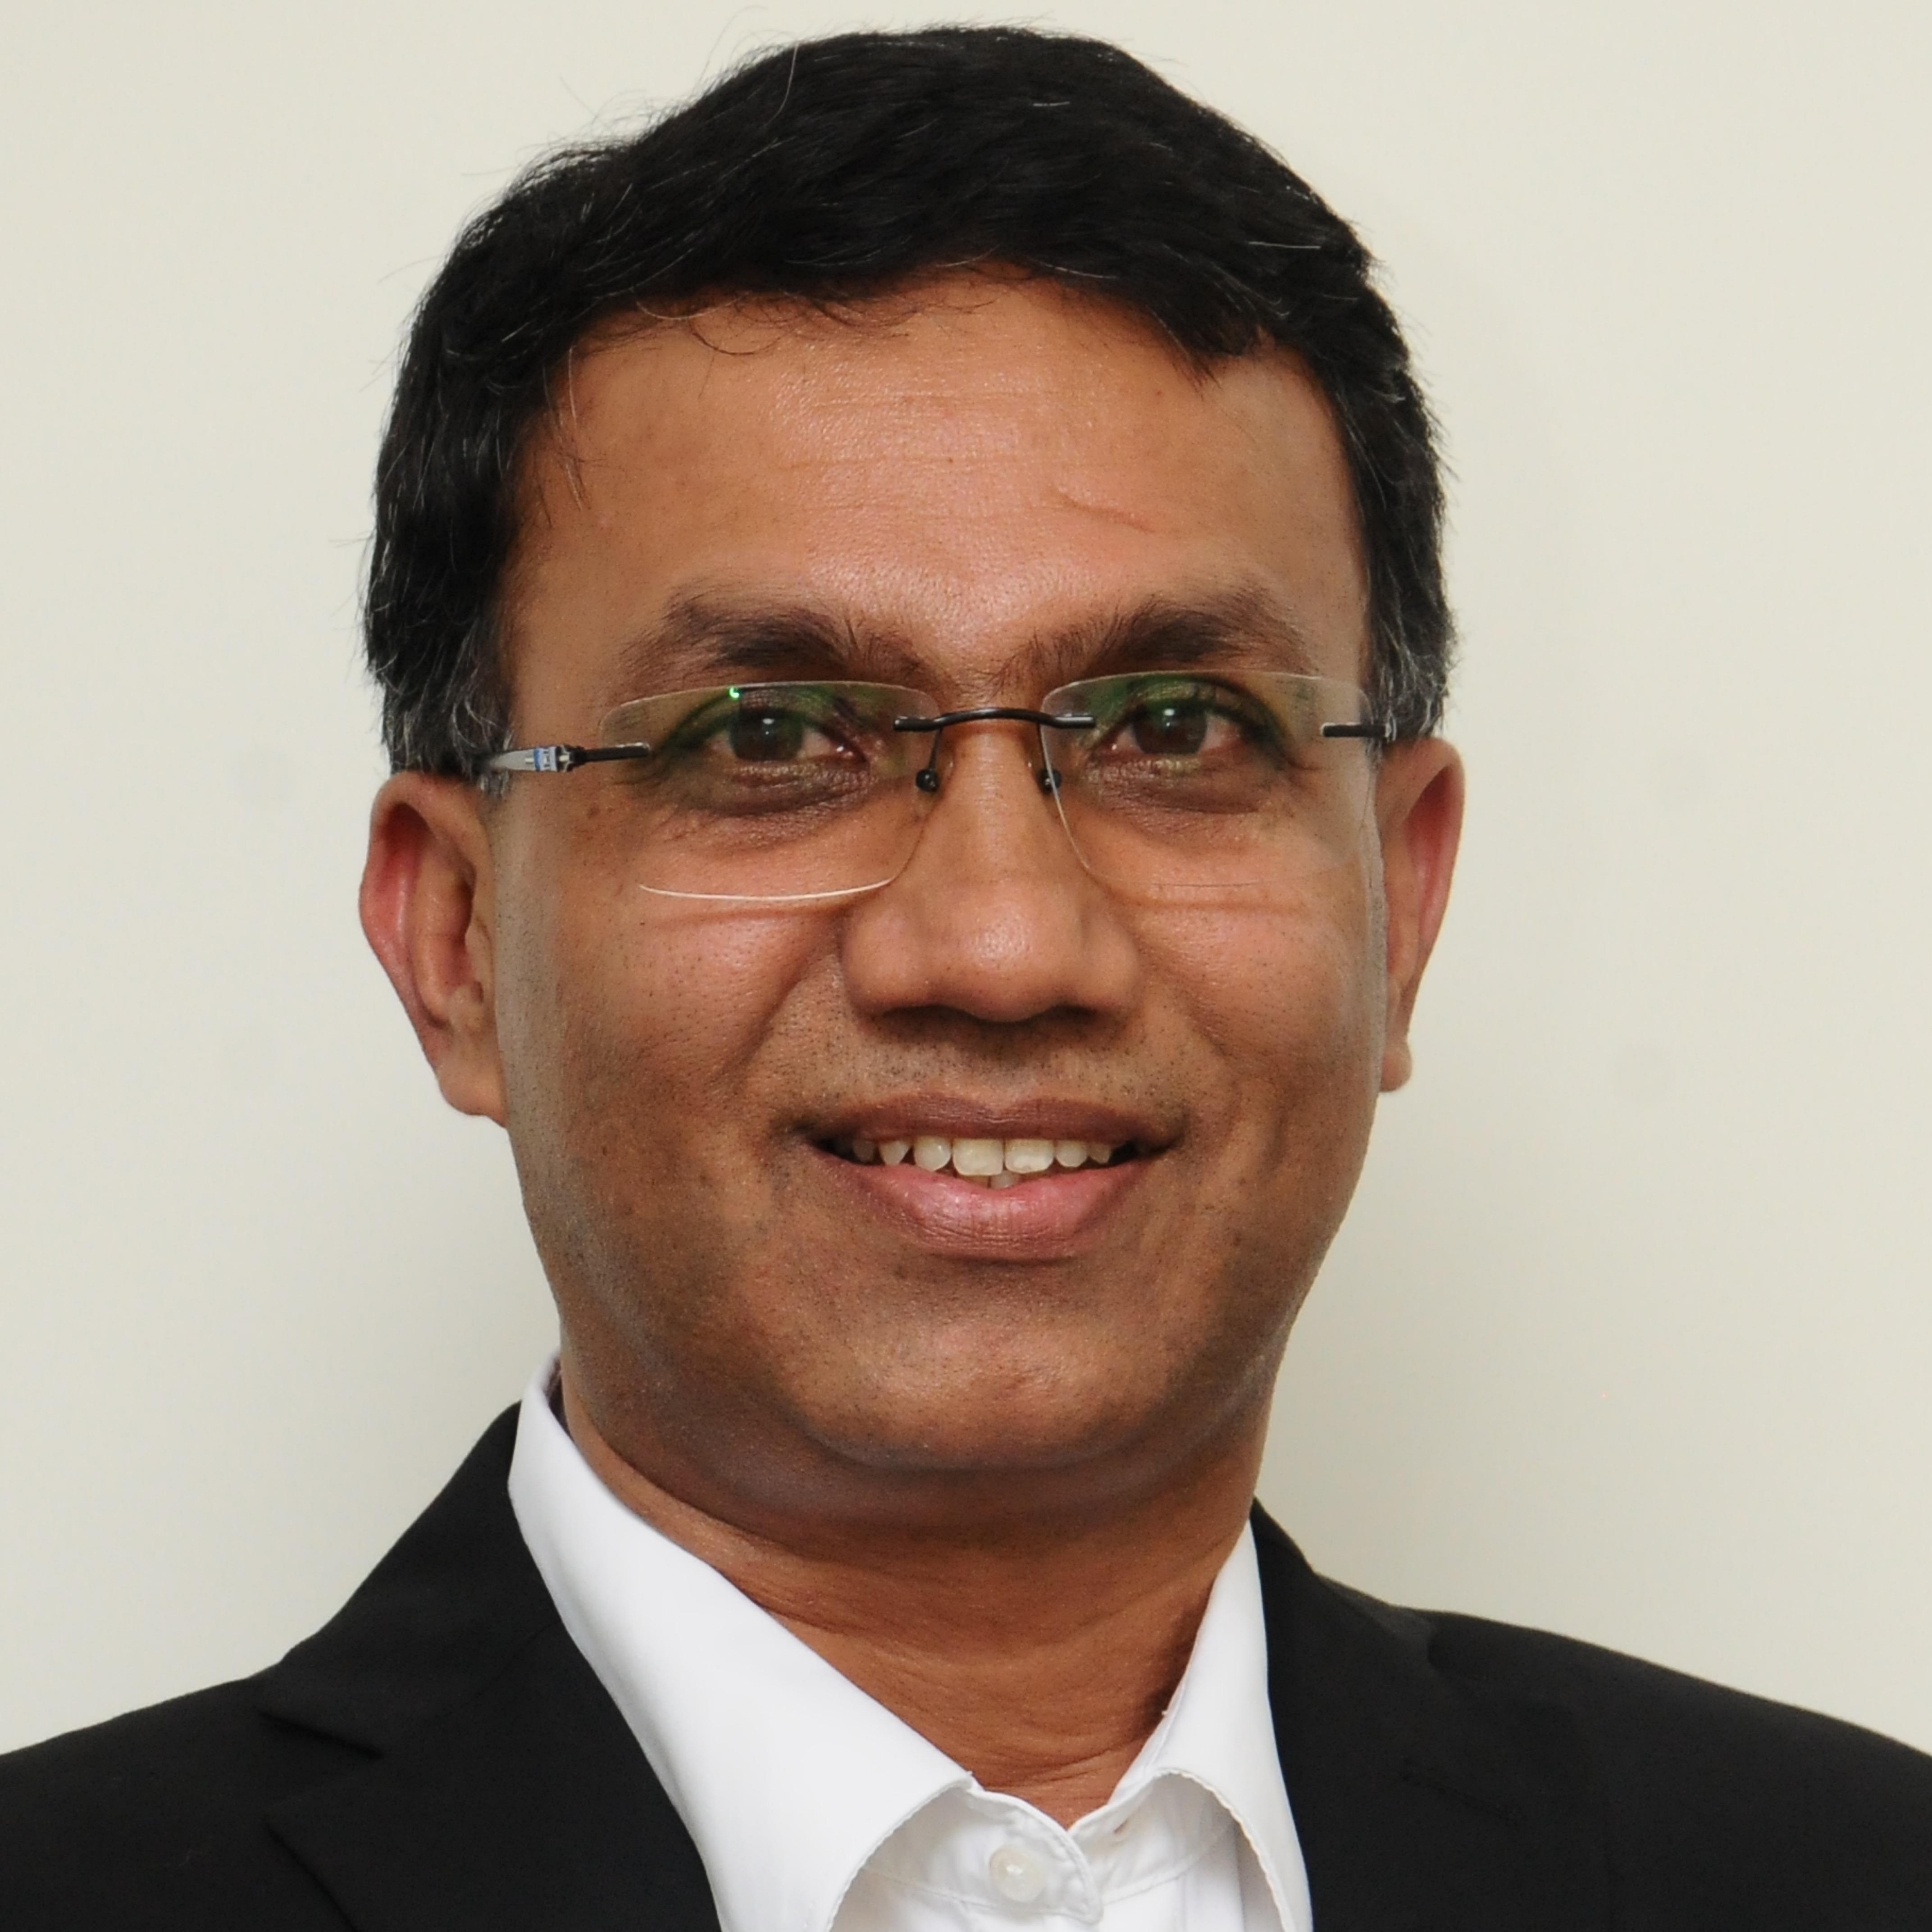 Guruprasad Mudlapur